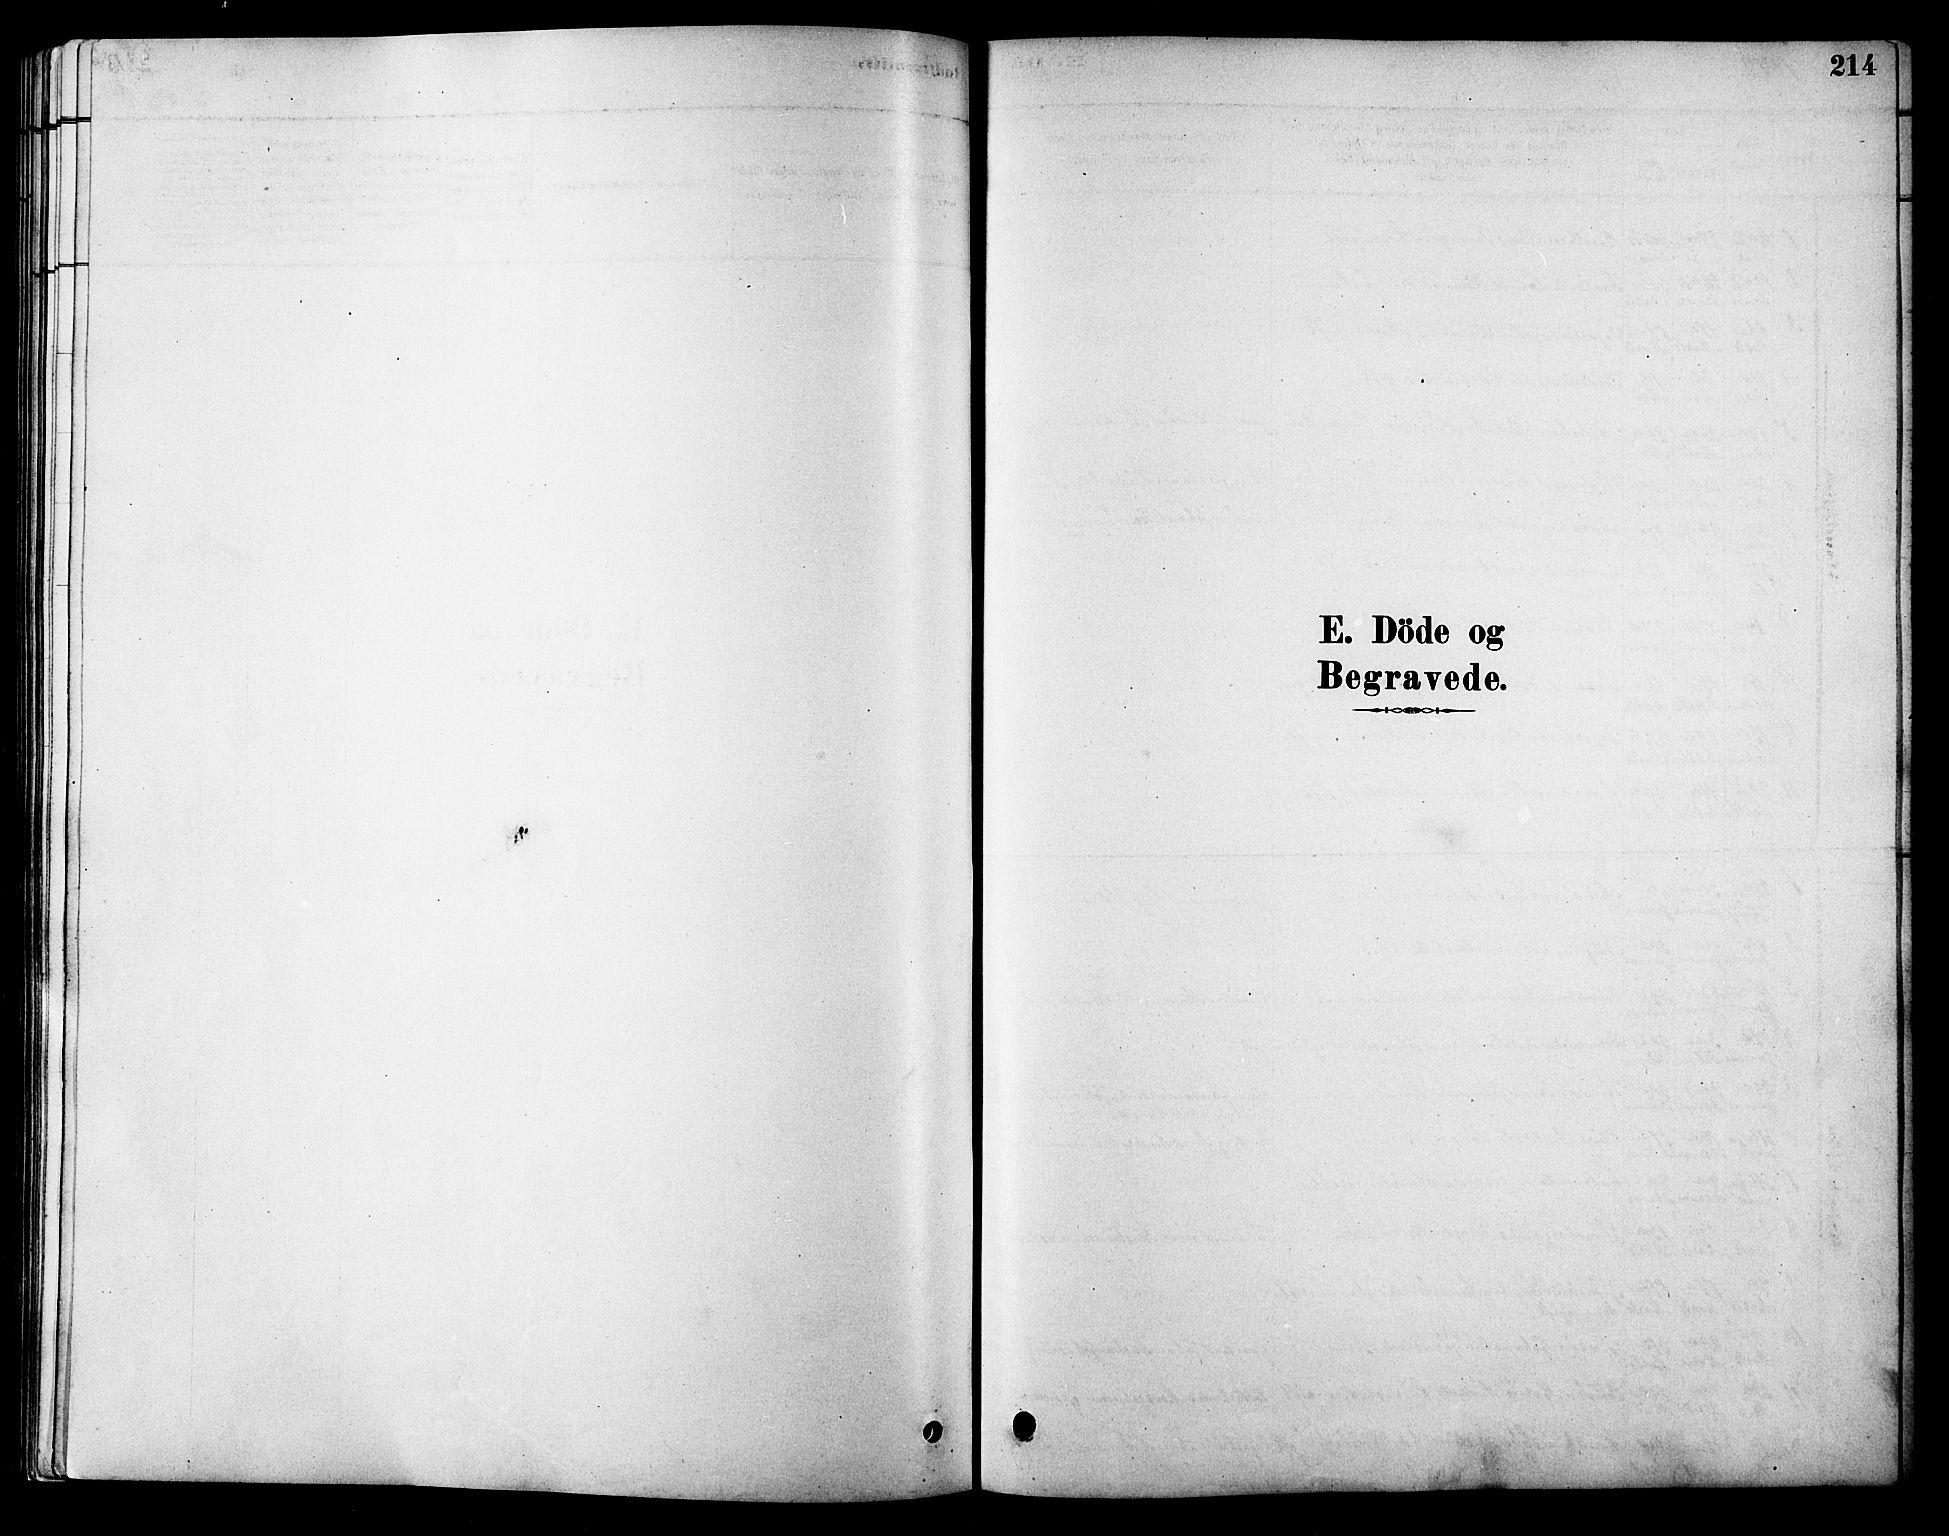 SAT, Ministerialprotokoller, klokkerbøker og fødselsregistre - Sør-Trøndelag, 616/L0423: Klokkerbok nr. 616C06, 1878-1903, s. 214